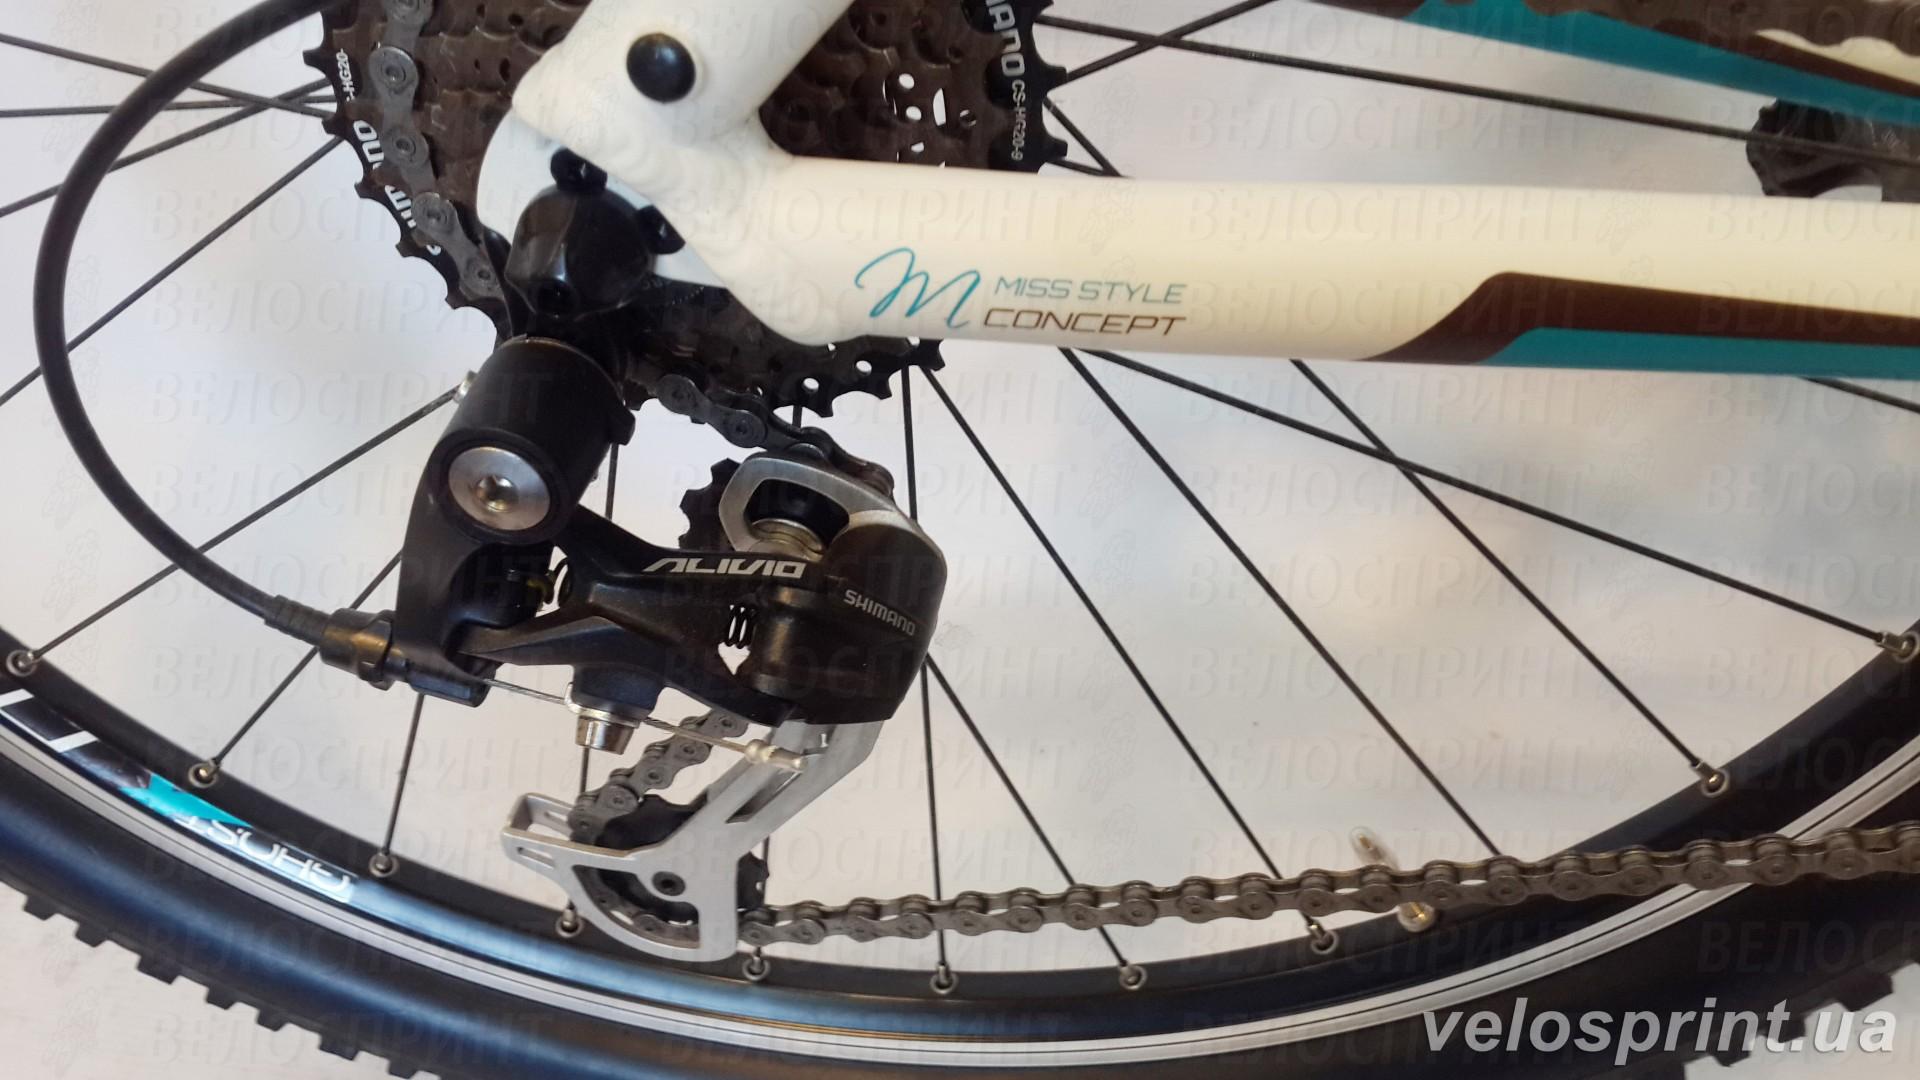 Велосипед GHOST MISS 1800 white/brown/petrol задний переключатель год 2013